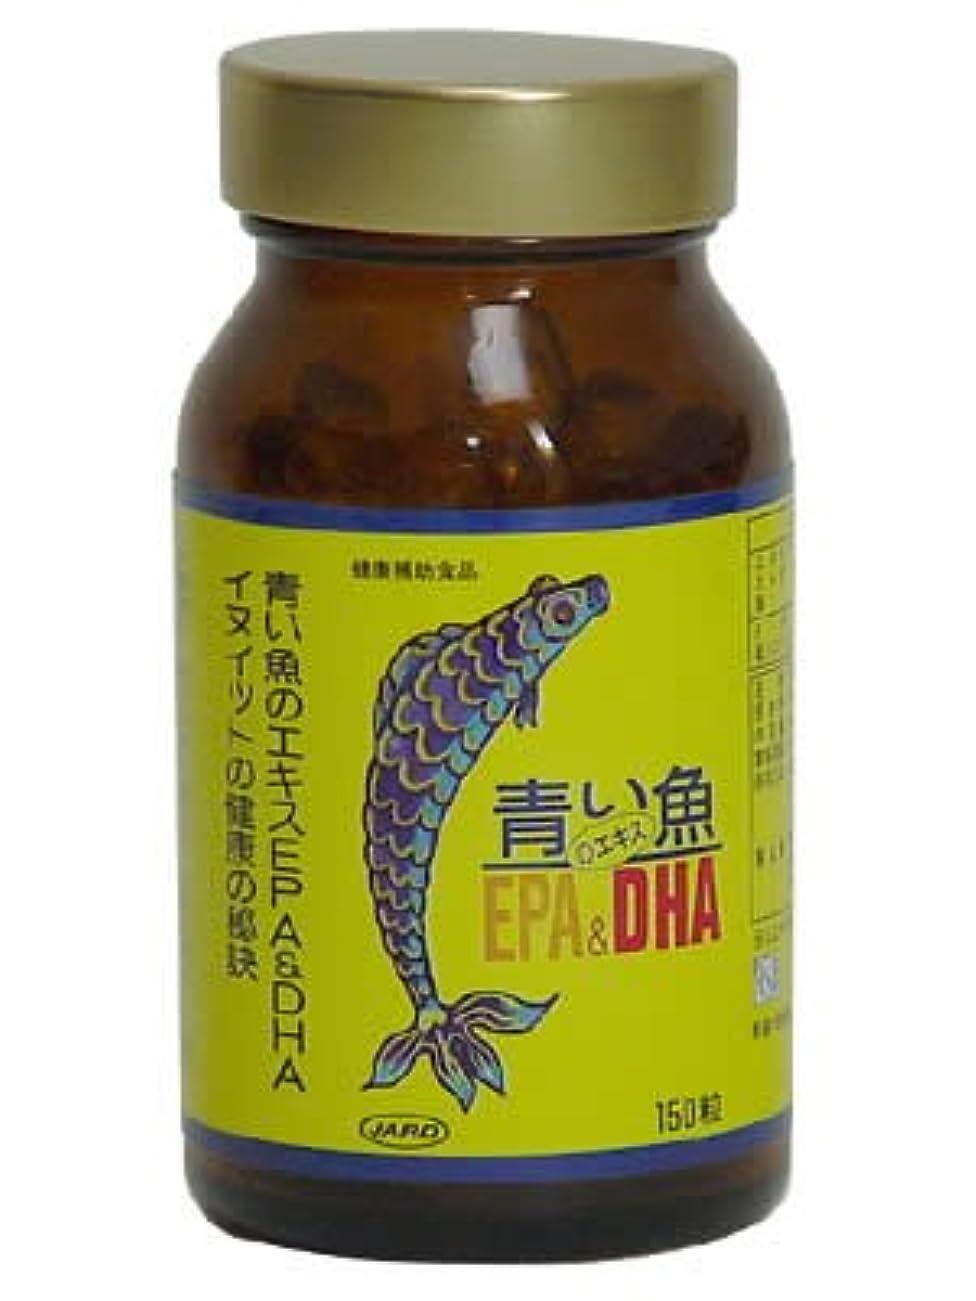 艦隊マウントバンク前任者青い魚のエキスEPA&DHA【6本セット】ジャード